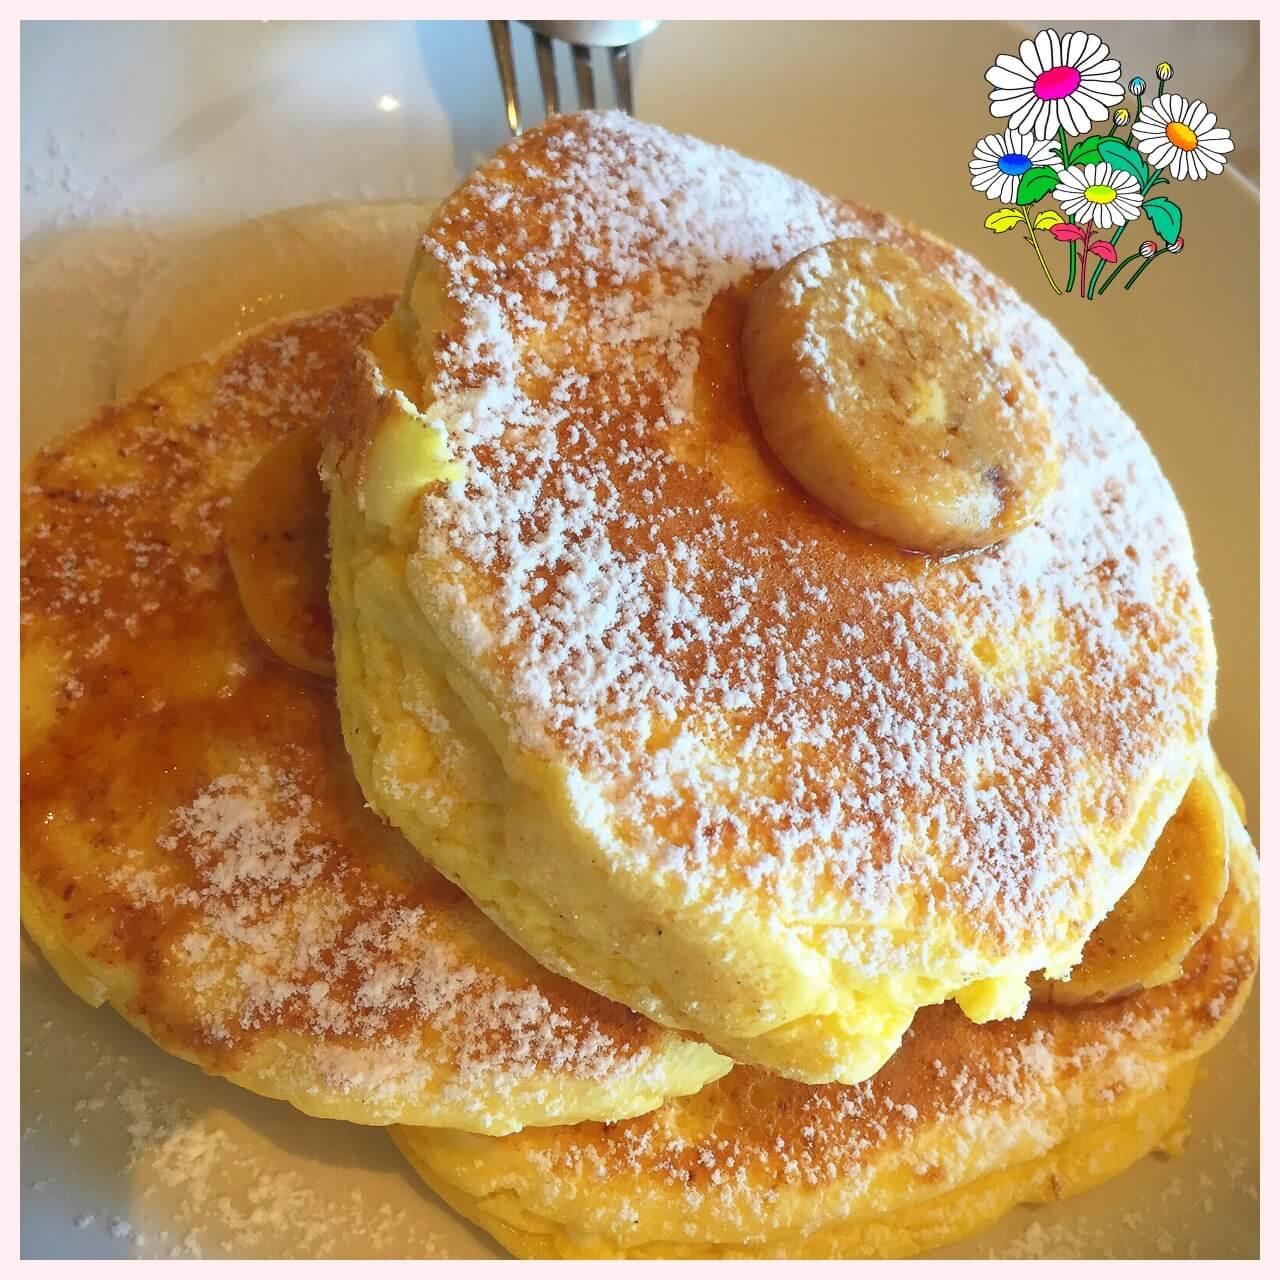 ビルズのリコッタパンケーキのブログ画像